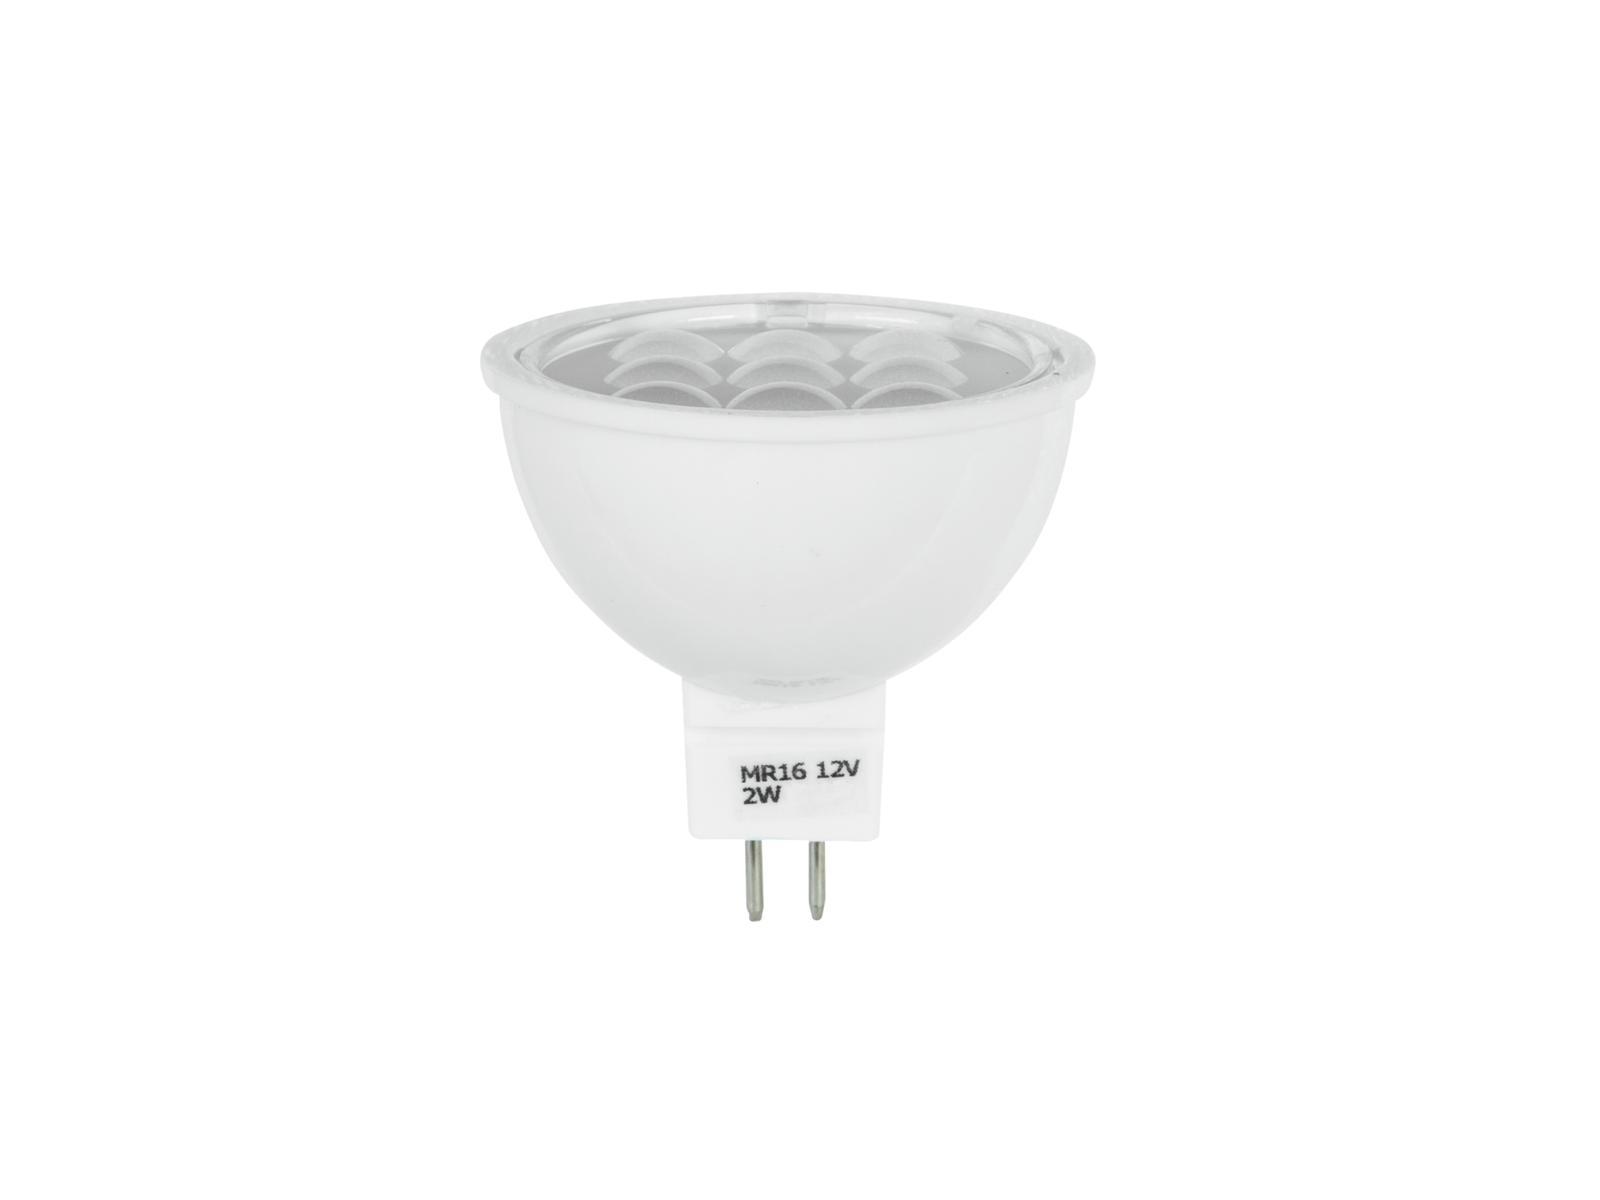 LED žárovka 12V 2W SMD GU5.3 MR-16 Omnilux, červená